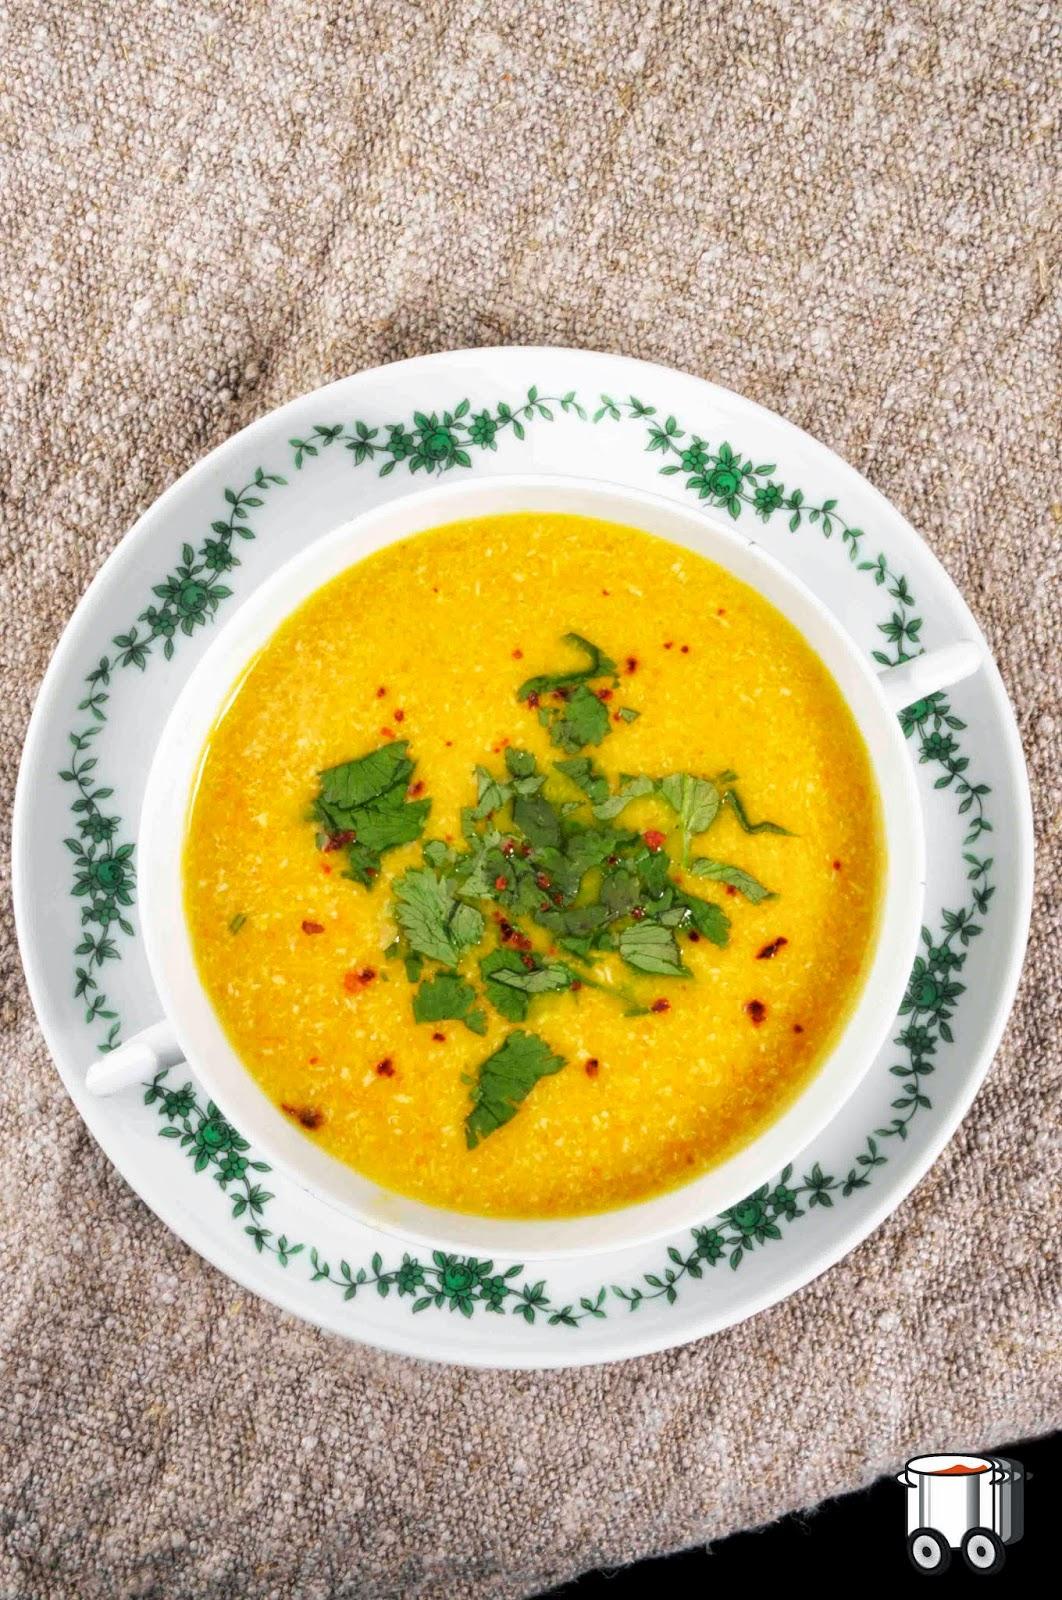 Szybko Tanio Smacznie - Kremowa zupa z marchewki i indyka (bez glutenu, bez laktozy)